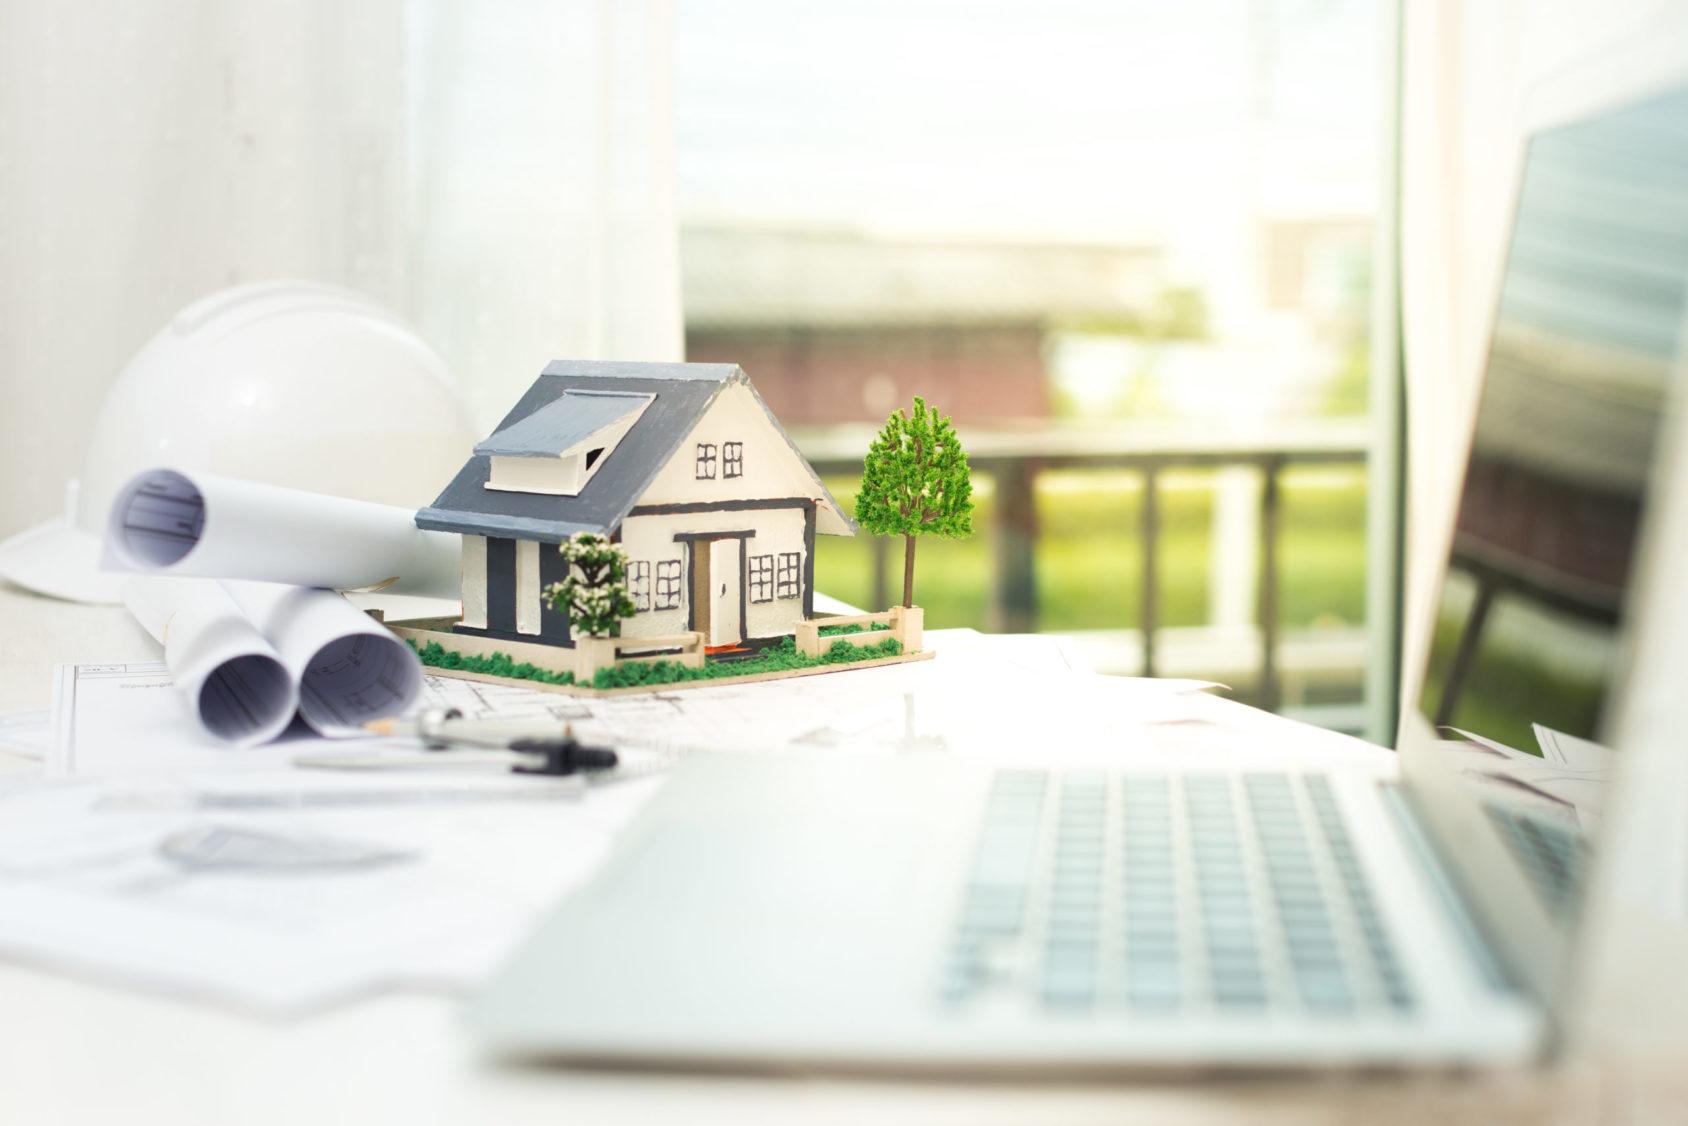 Comment économiser de l'énergie dans votre maison ?